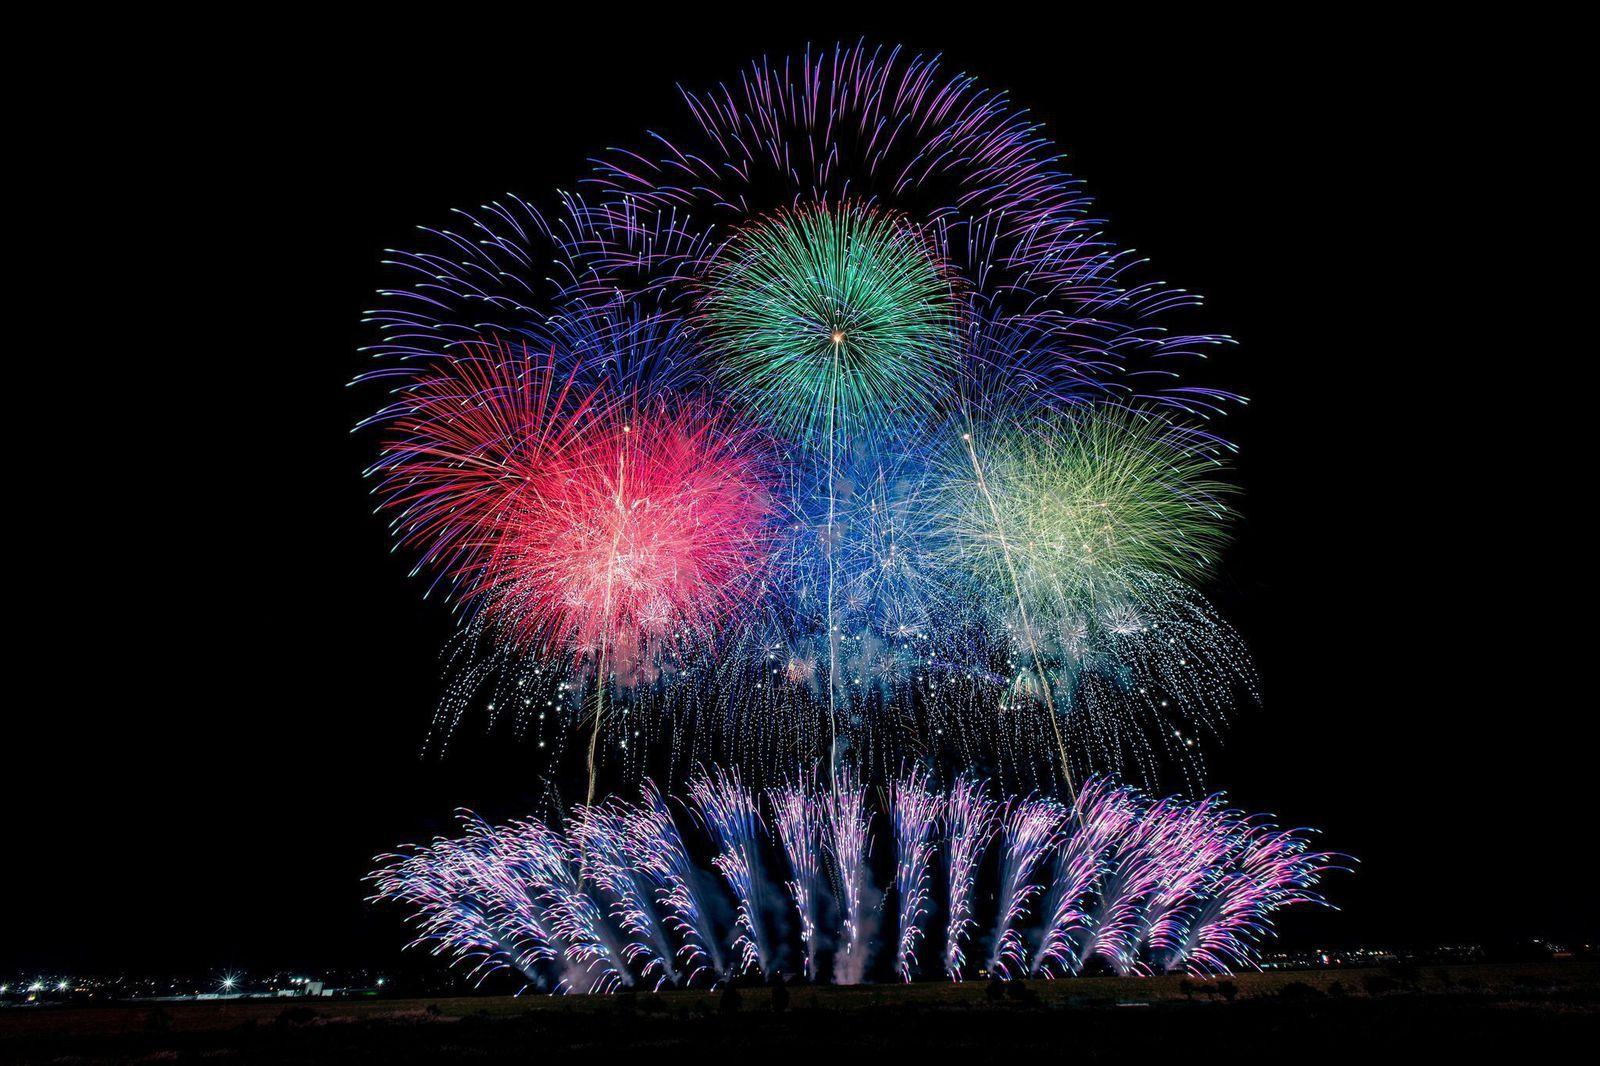 今話題のバチェロレッテの裏側にRETRIPが潜入!あの美しい花火の真相とは